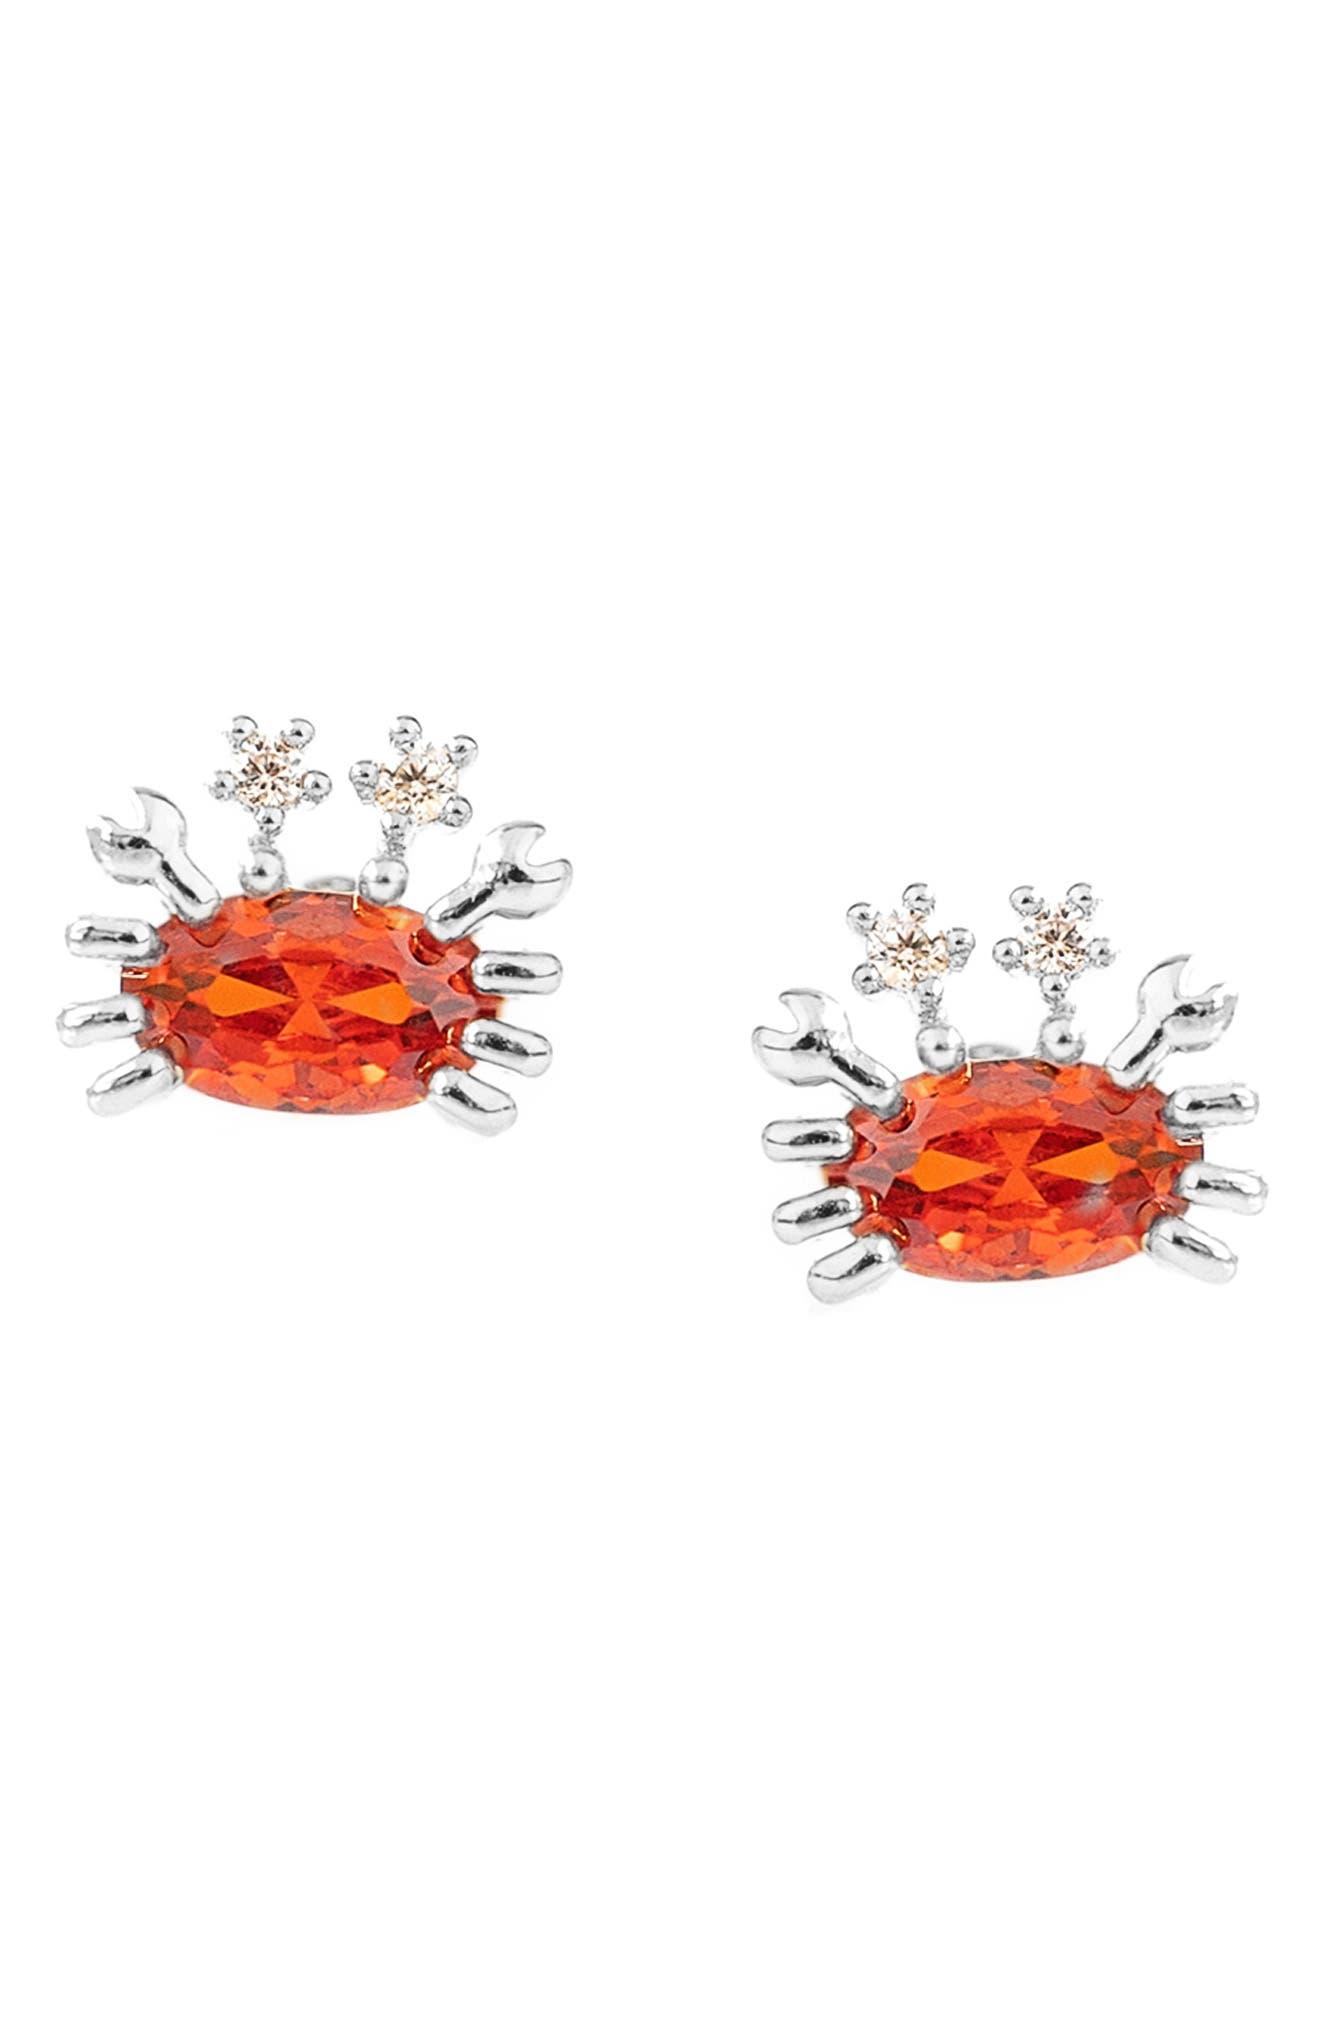 Cutie Crab Stud Earrings